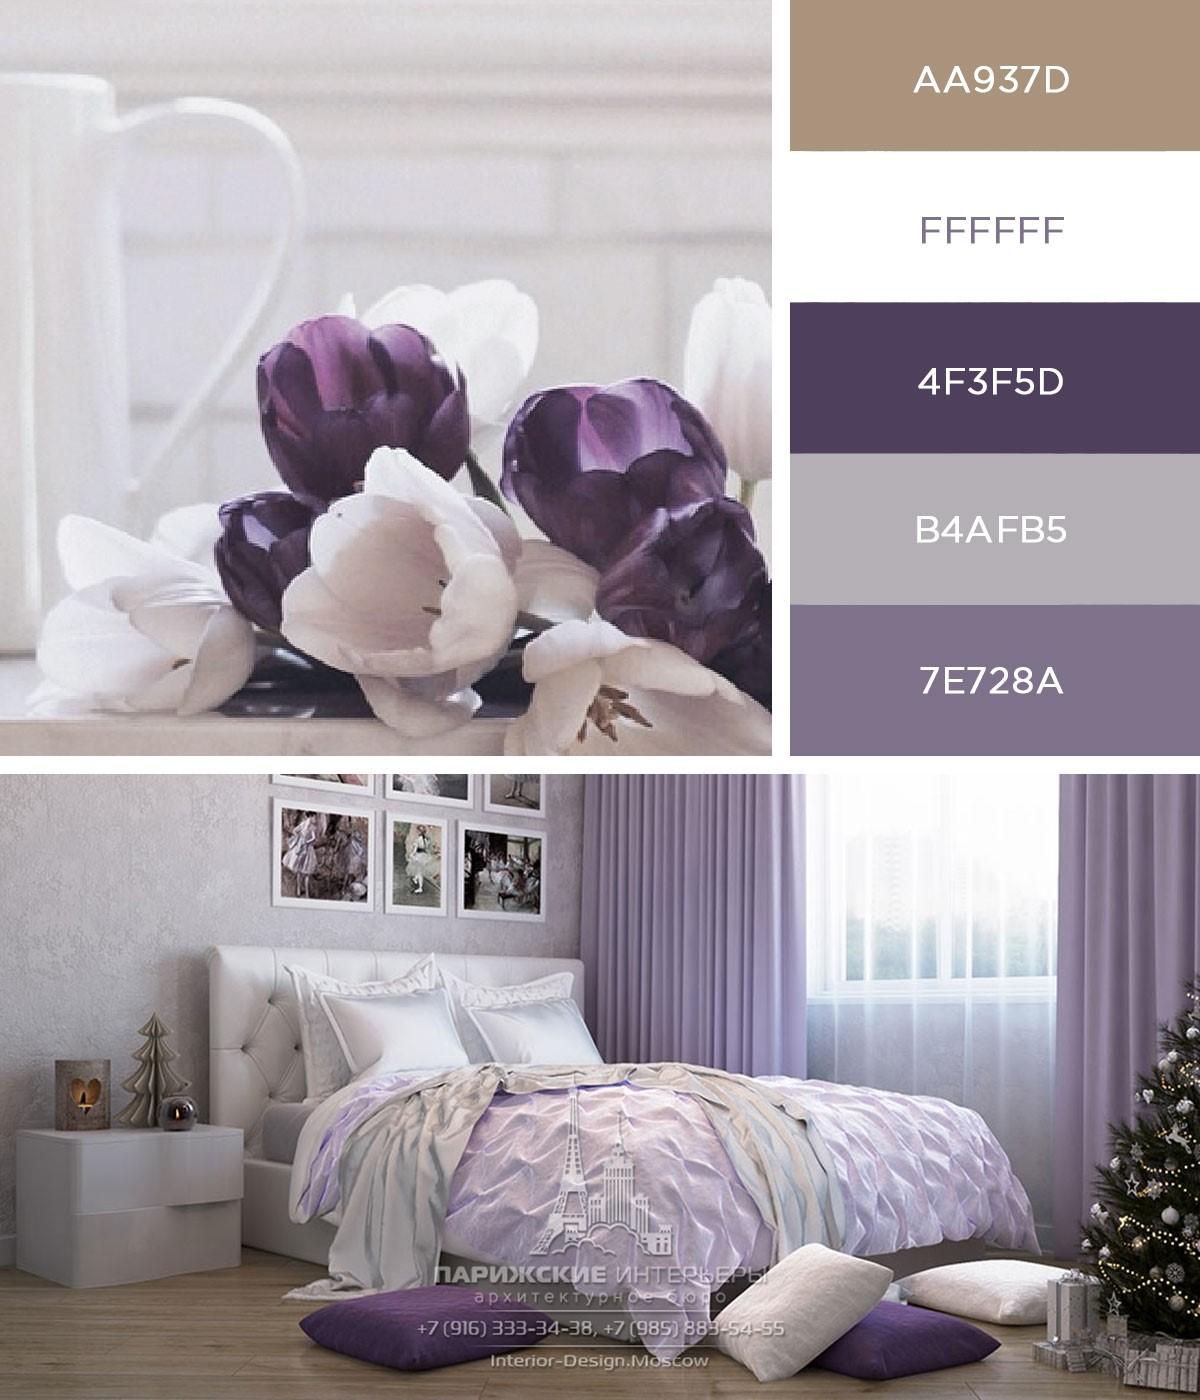 Цветовая палитра для спальни в светлых тонах